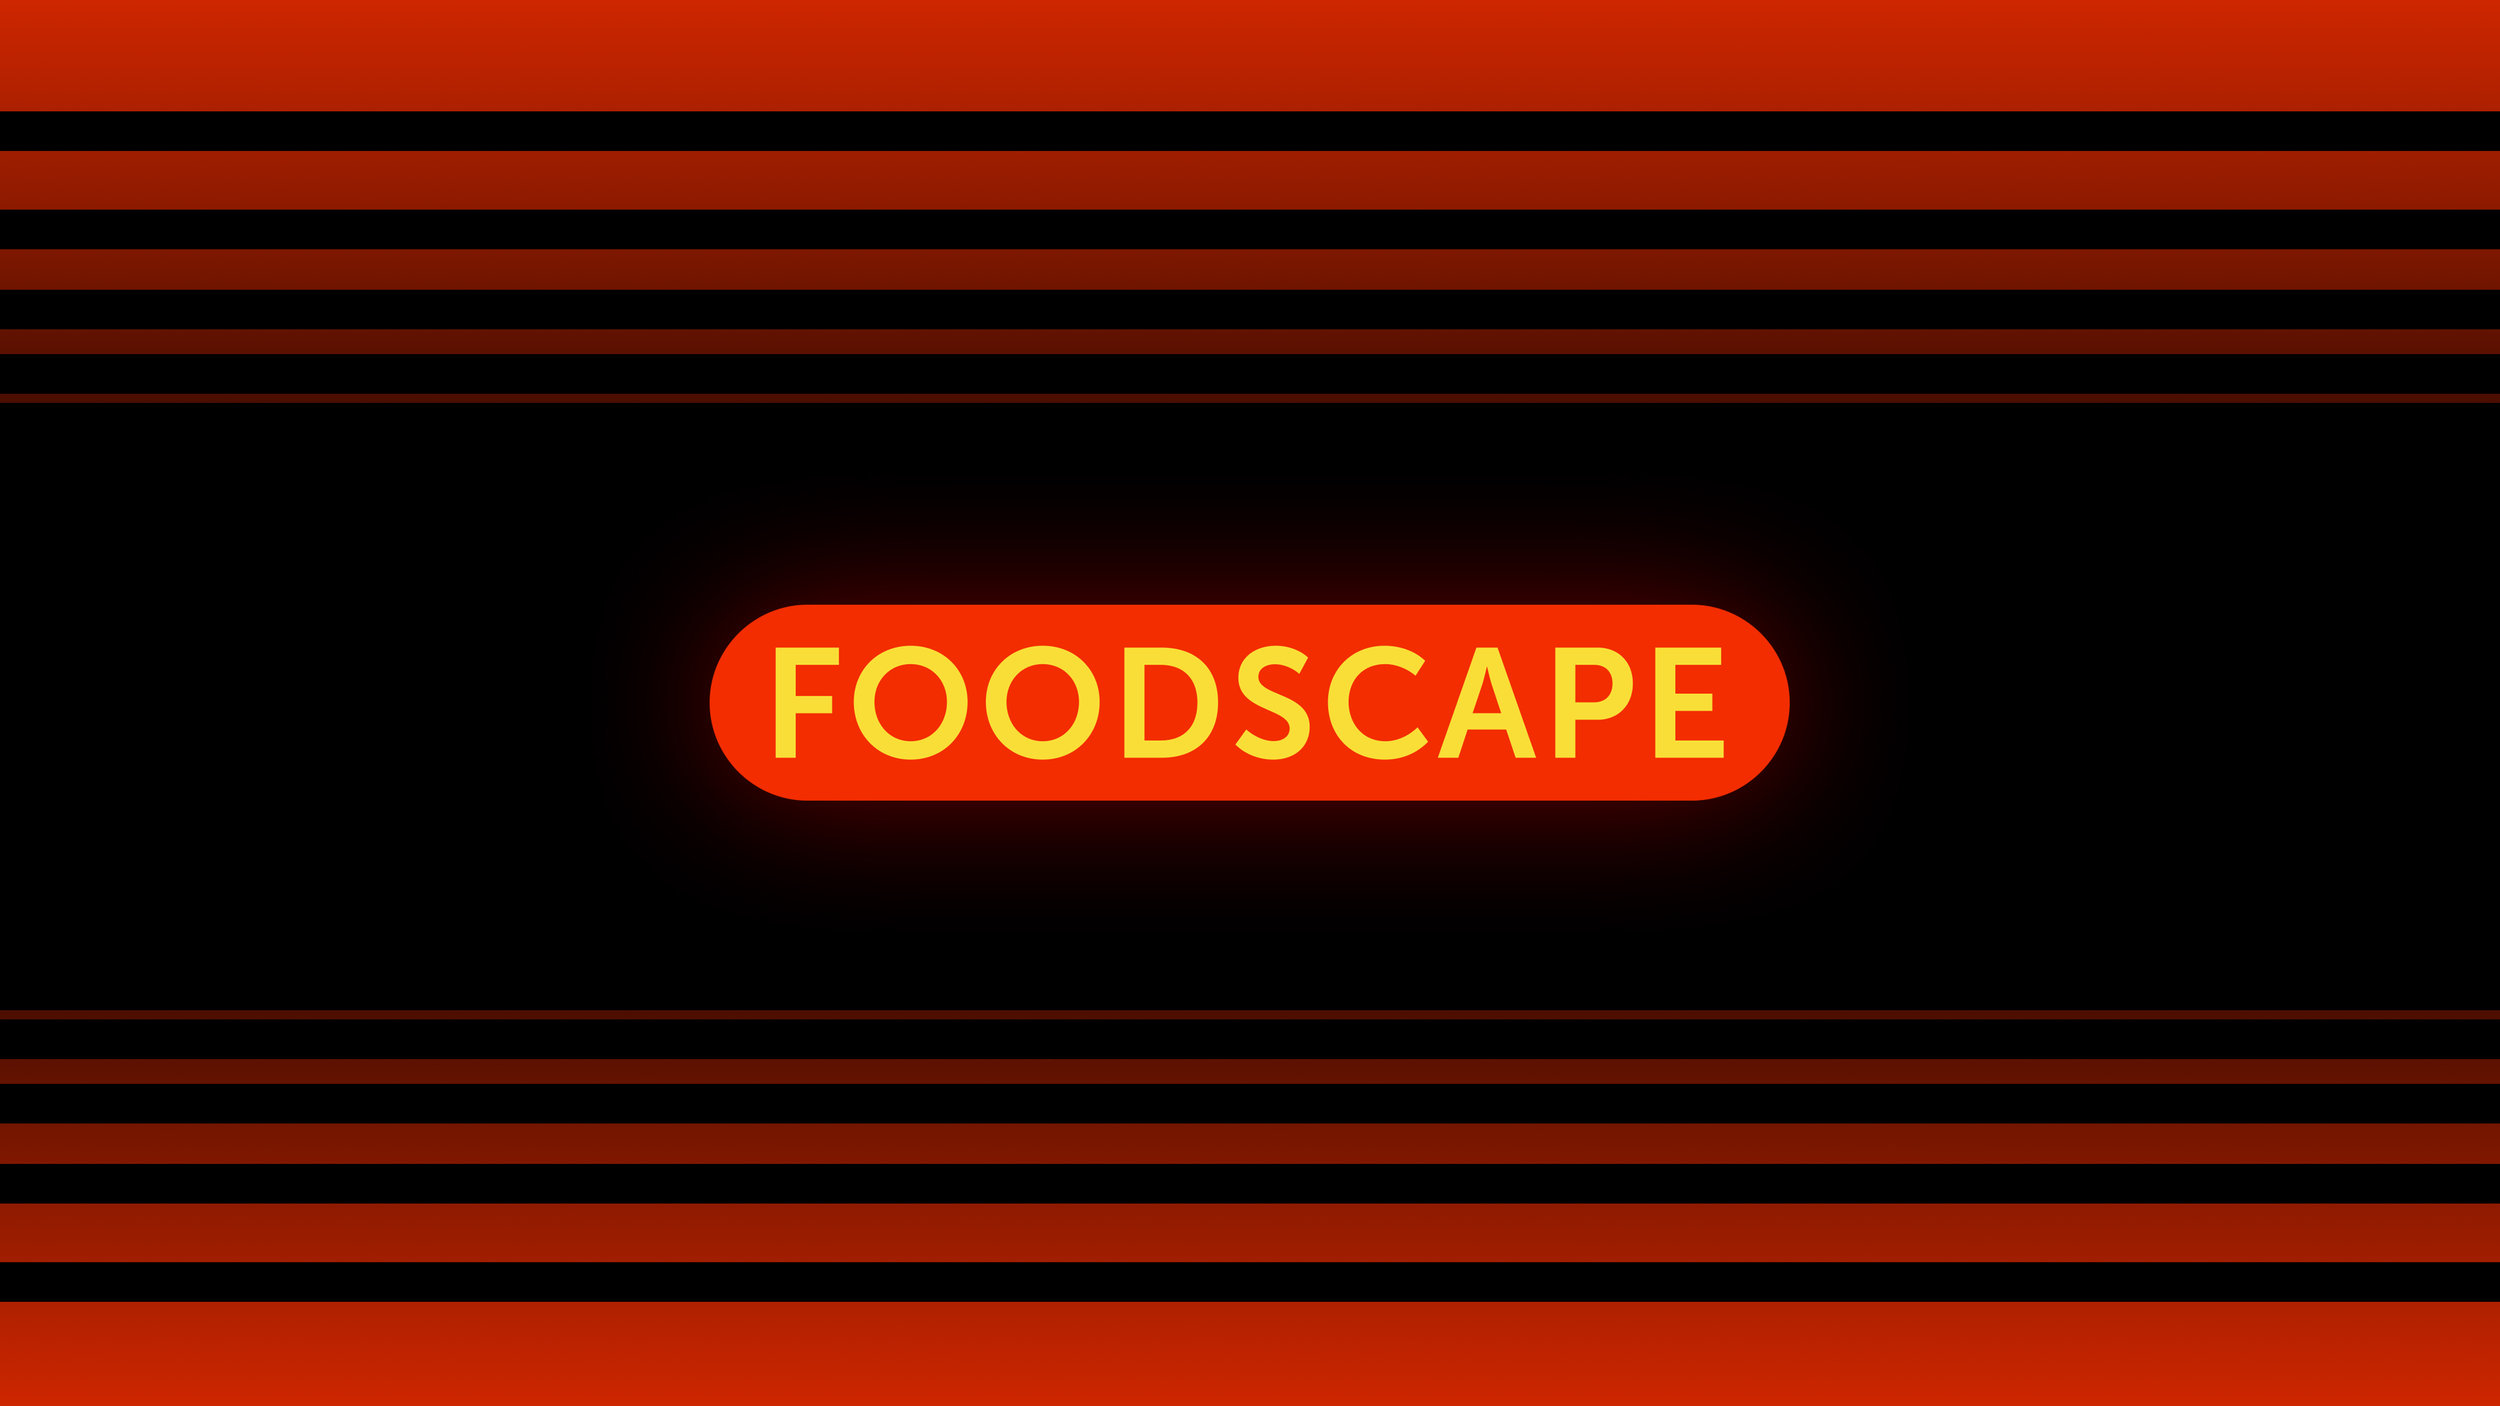 Foodscape 4K Wallpaper